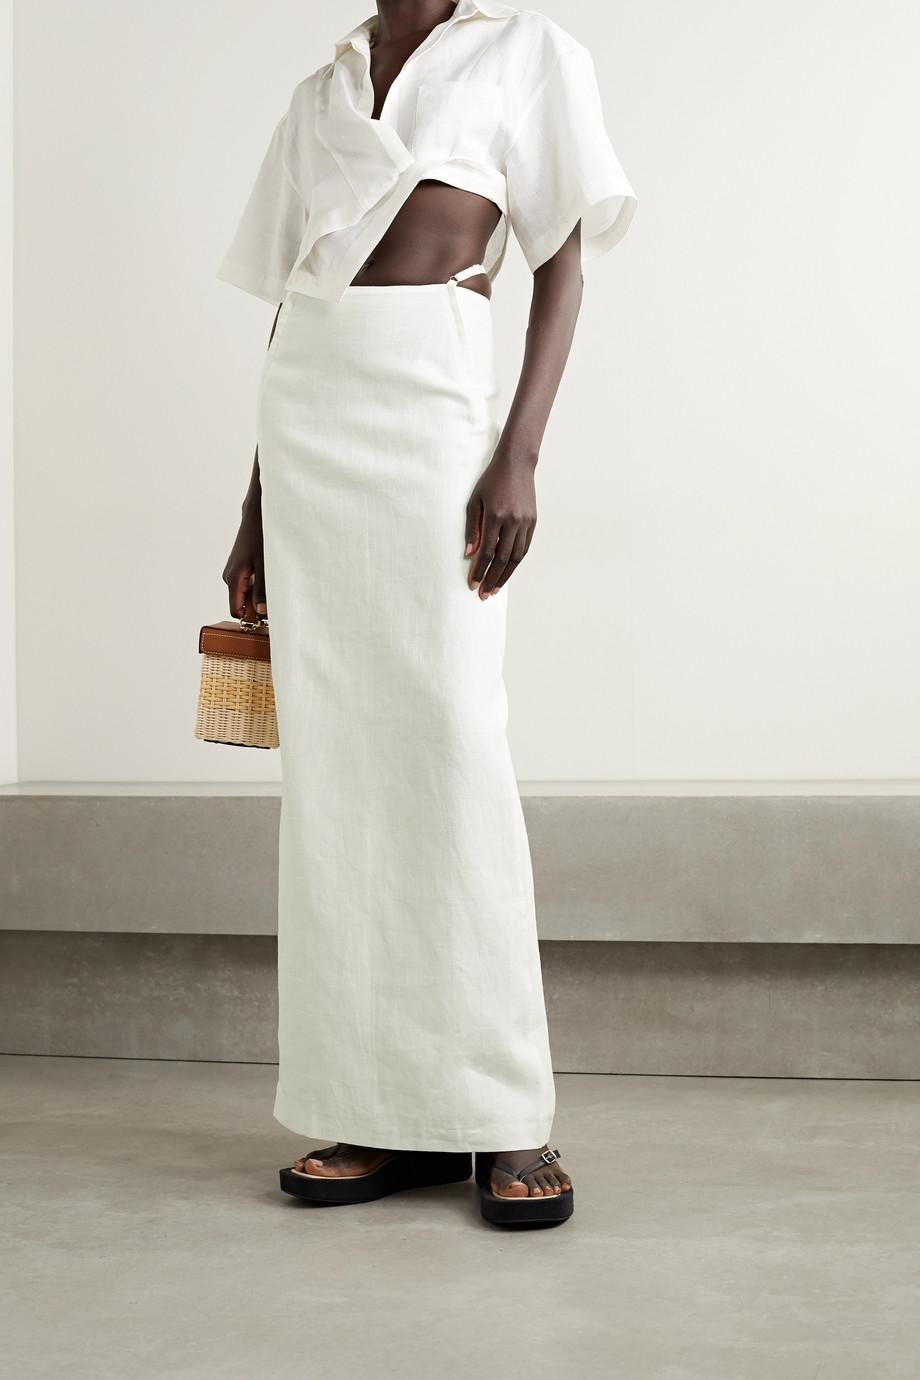 Jacquemus Novio 挖剪亚麻提花超长半身裙